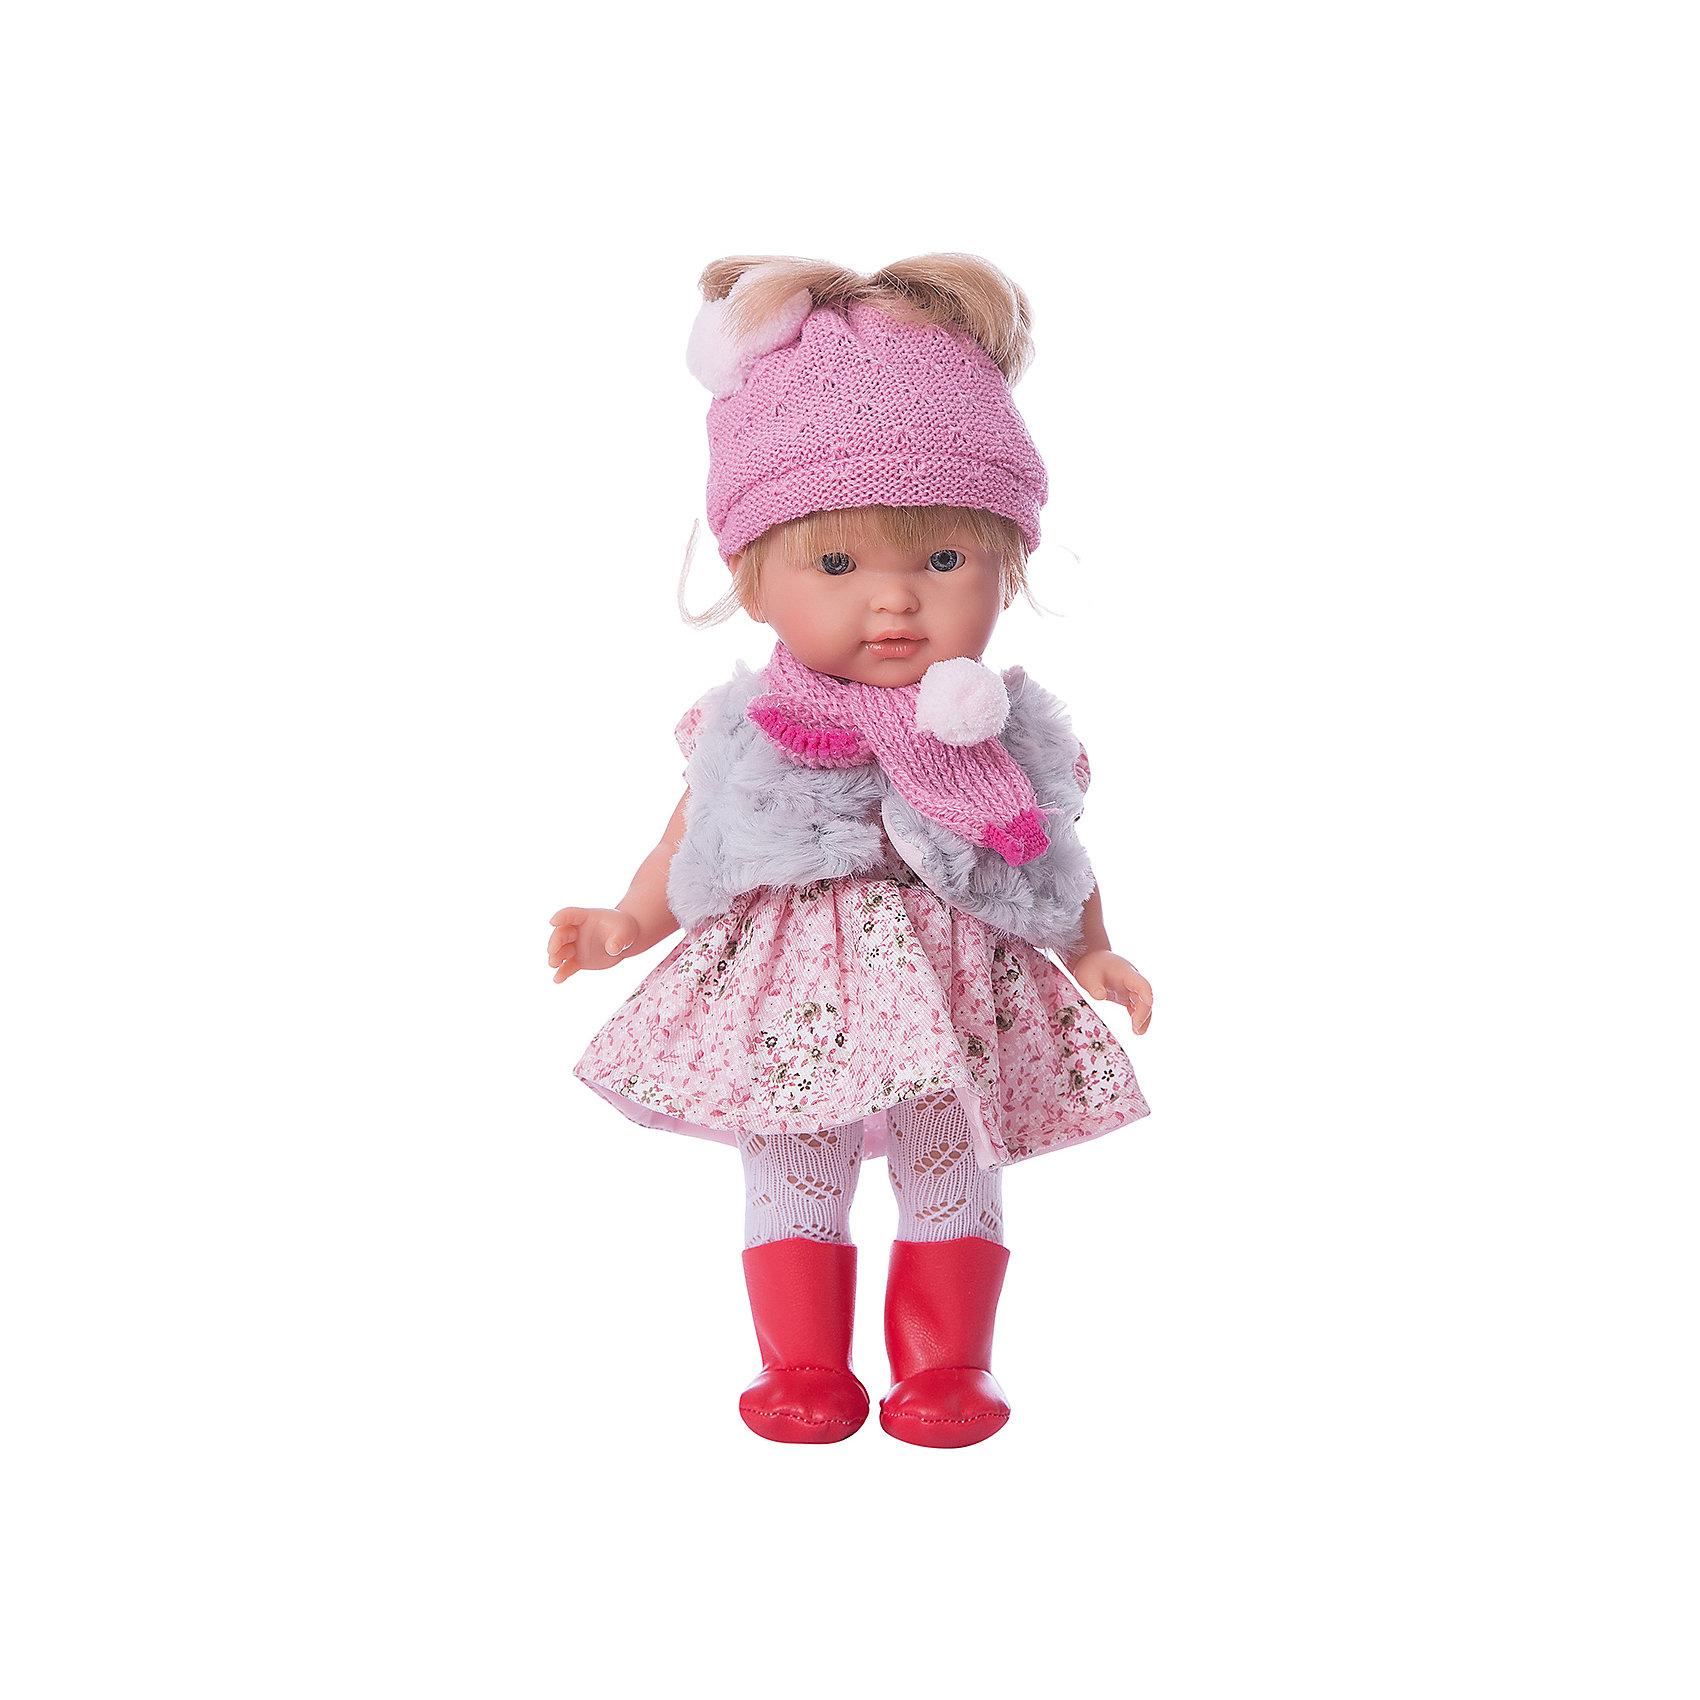 Кукла Валерия 28 см,, LlorensБренды кукол<br>Характеристики:<br><br>• Предназначение: для сюжетно-ролевых игр<br>• Тип куклы: мягконабивная<br>• Пол куклы: девочка <br>• Цвет волос: светло-русые<br>• Материал: поливинилхлорид, пластик, нейлон, текстиль<br>• Цвет: красный, розовый, белый, серый<br>• Высота куклы: 35 см<br>• Комплектация: кукла, платье, шапка, шарф, колготки, туфли<br>• Вес: 950 г<br>• Размеры упаковки (Д*В*Ш): 22*43*10 см<br>• Упаковка: подарочная картонная коробка <br>• Особенности ухода: допускается деликатная стирка без использования красящих и отбеливающих средств предметов одежды куклы<br><br>Кукла Елена 35 см – кукла, производителем которого является всемирно известный испанский кукольный бренд Llorens. Куклы этой торговой марки имеют свою неповторимую внешность и целую линейку образов как пупсов, так и кукол-малышей. Игрушки выполнены из сочетания поливинилхлорида и пластика, что позволяет с высокой долей достоверности воссоздать физиологические и мимические особенности маленьких детей. При изготовлении кукол Llorens используются только сертифицированные материалы, безопасные и не вызывающие аллергических реакций. Волосы у кукол отличаются густотой, шелковистостью и блеском, при расчесывании они не выпадают и не ломаются.<br>Кукла Елена 35 см выполнена в образе девочки: у нее прямые длинные волосы и голубые глаза. Комплект одежды состоит из теплого вязаного платья с длинными рукавами, розовых колготочек, шапки и шарфа. На ножках у Валерии – черные туфельки. <br>Кукла Елена 35 см – это идеальный вариант для подарка к различным праздникам и торжествам.<br><br>Куклу Елену 35 см можно купить в нашем интернет-магазине.<br><br>Ширина мм: 20<br>Глубина мм: 37<br>Высота мм: 10<br>Вес г: 660<br>Возраст от месяцев: 36<br>Возраст до месяцев: 84<br>Пол: Женский<br>Возраст: Детский<br>SKU: 5086942